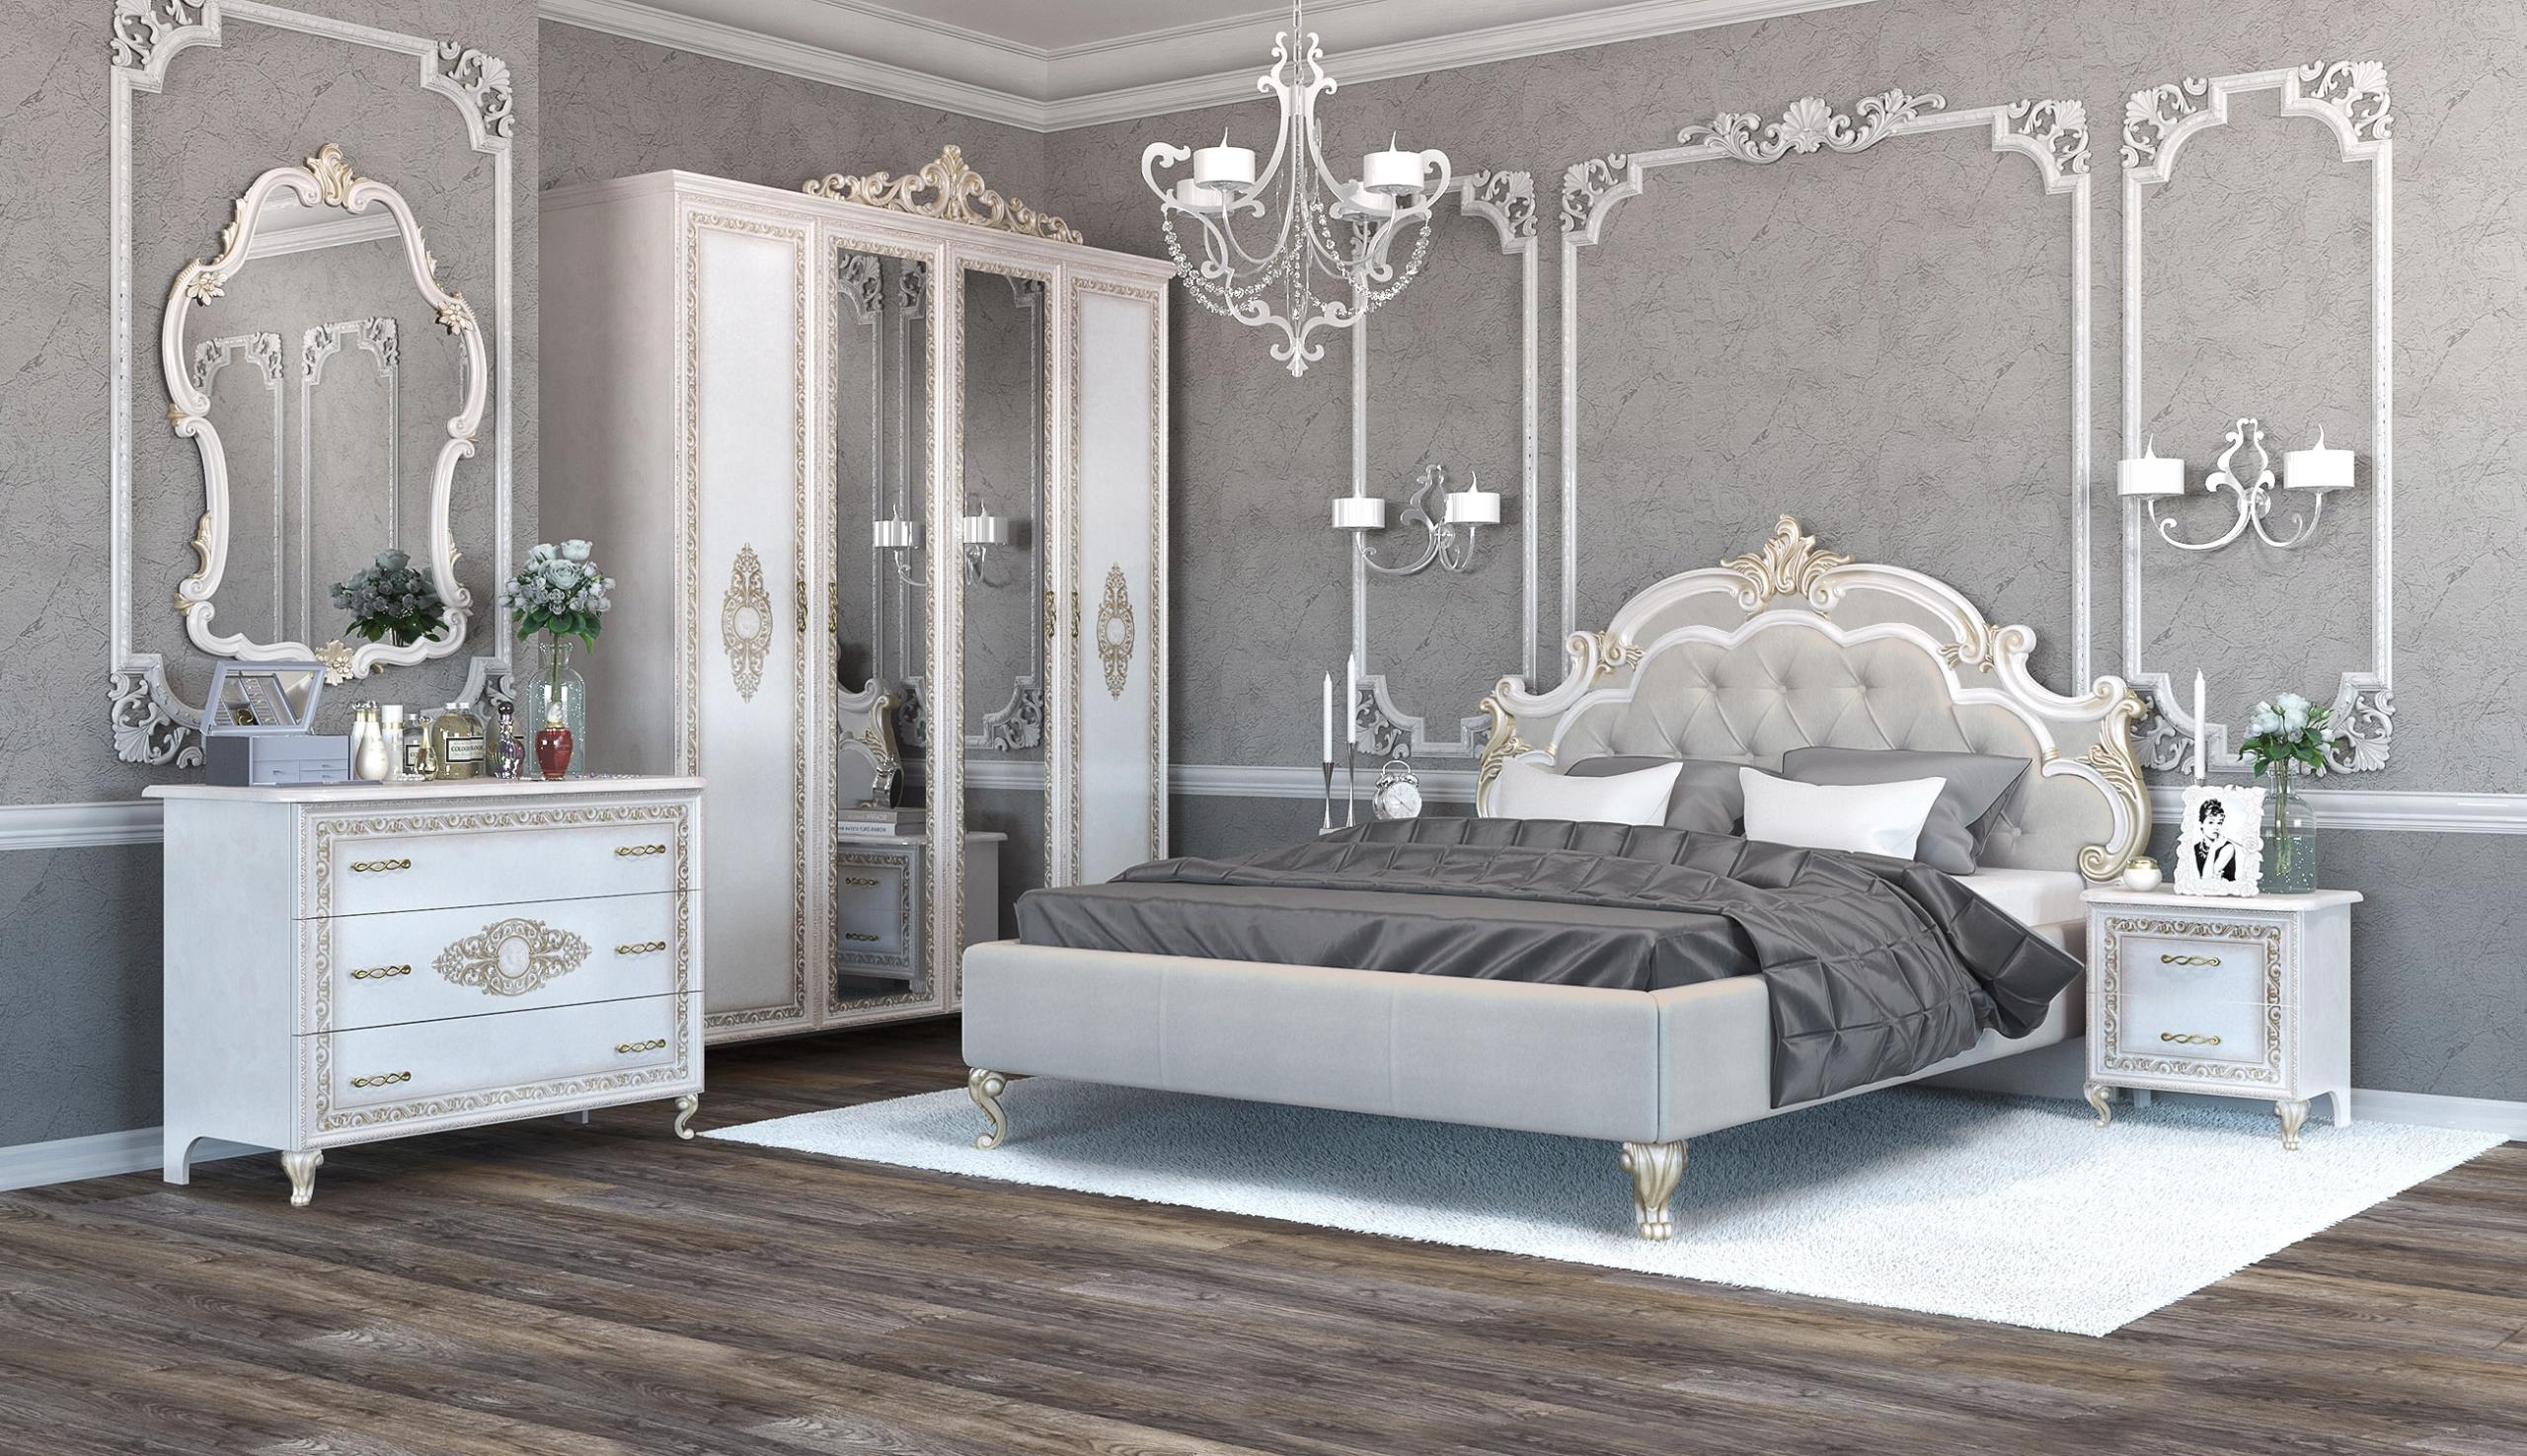 ИТАЛЬЯНСКАЯ Спальня MEDEA БЕЖЕВЫЙ Стиль гламур шкаф 4D